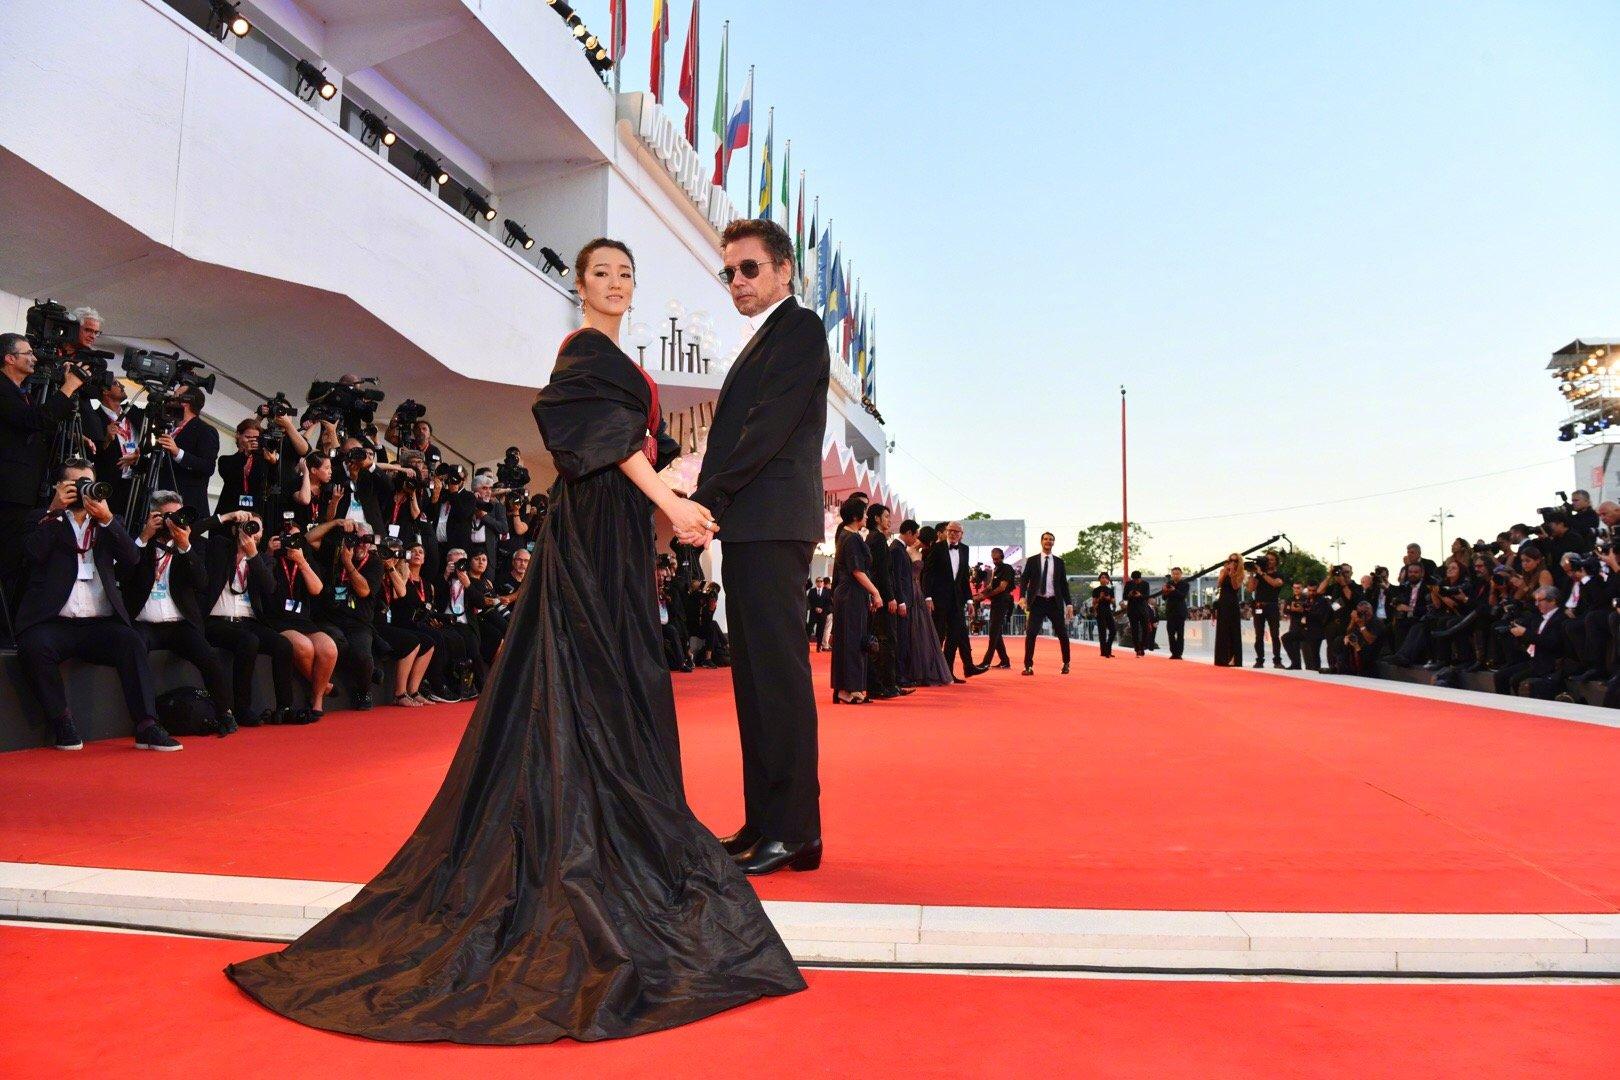 54岁巩俐穿女皇装走红毯,气场全开上围傲人,网友:像登基